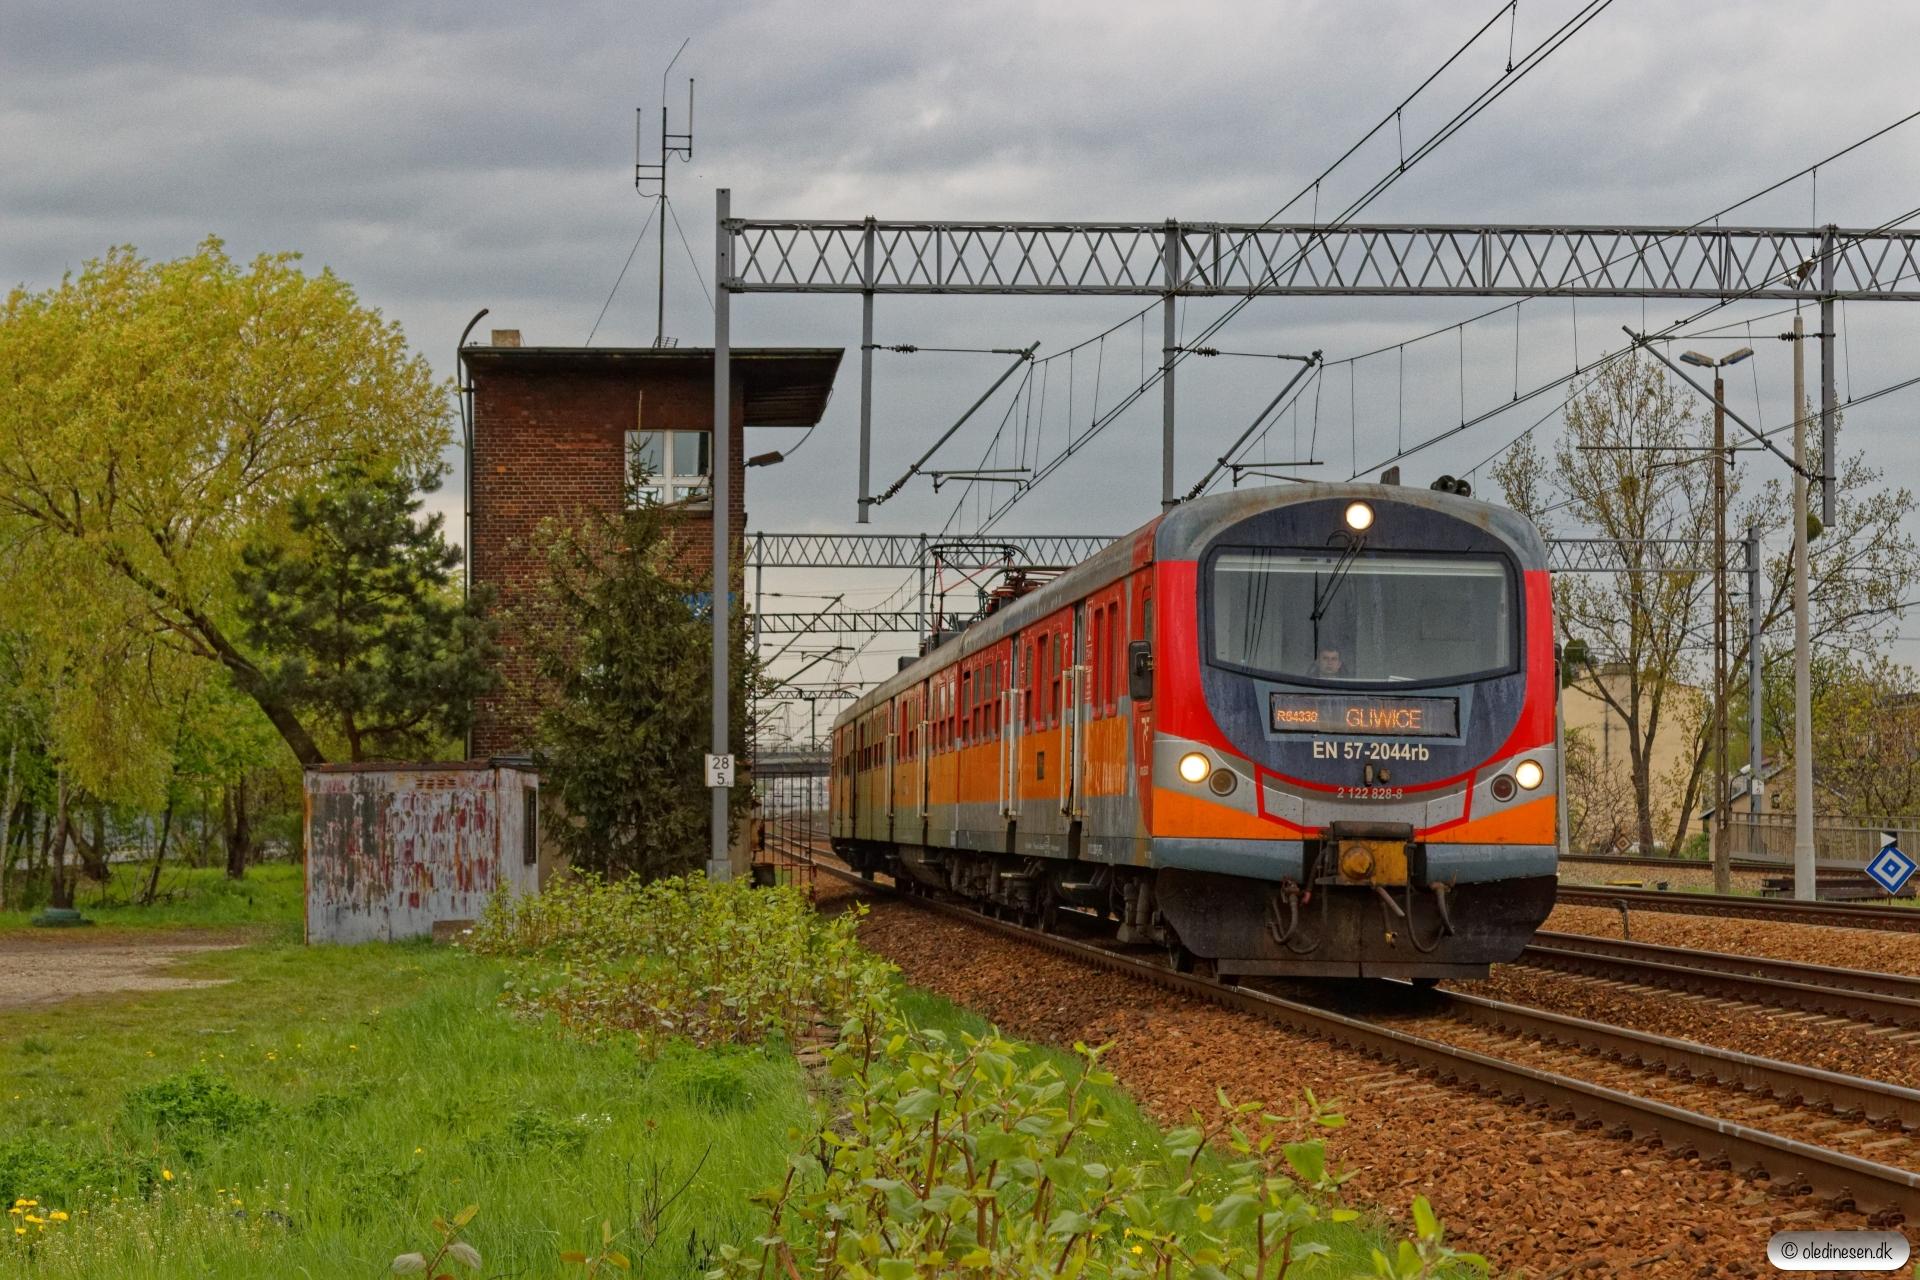 PREG EN57-2044 som R 64338. Szobiszowice 24.04.2019 kl. 17.20.